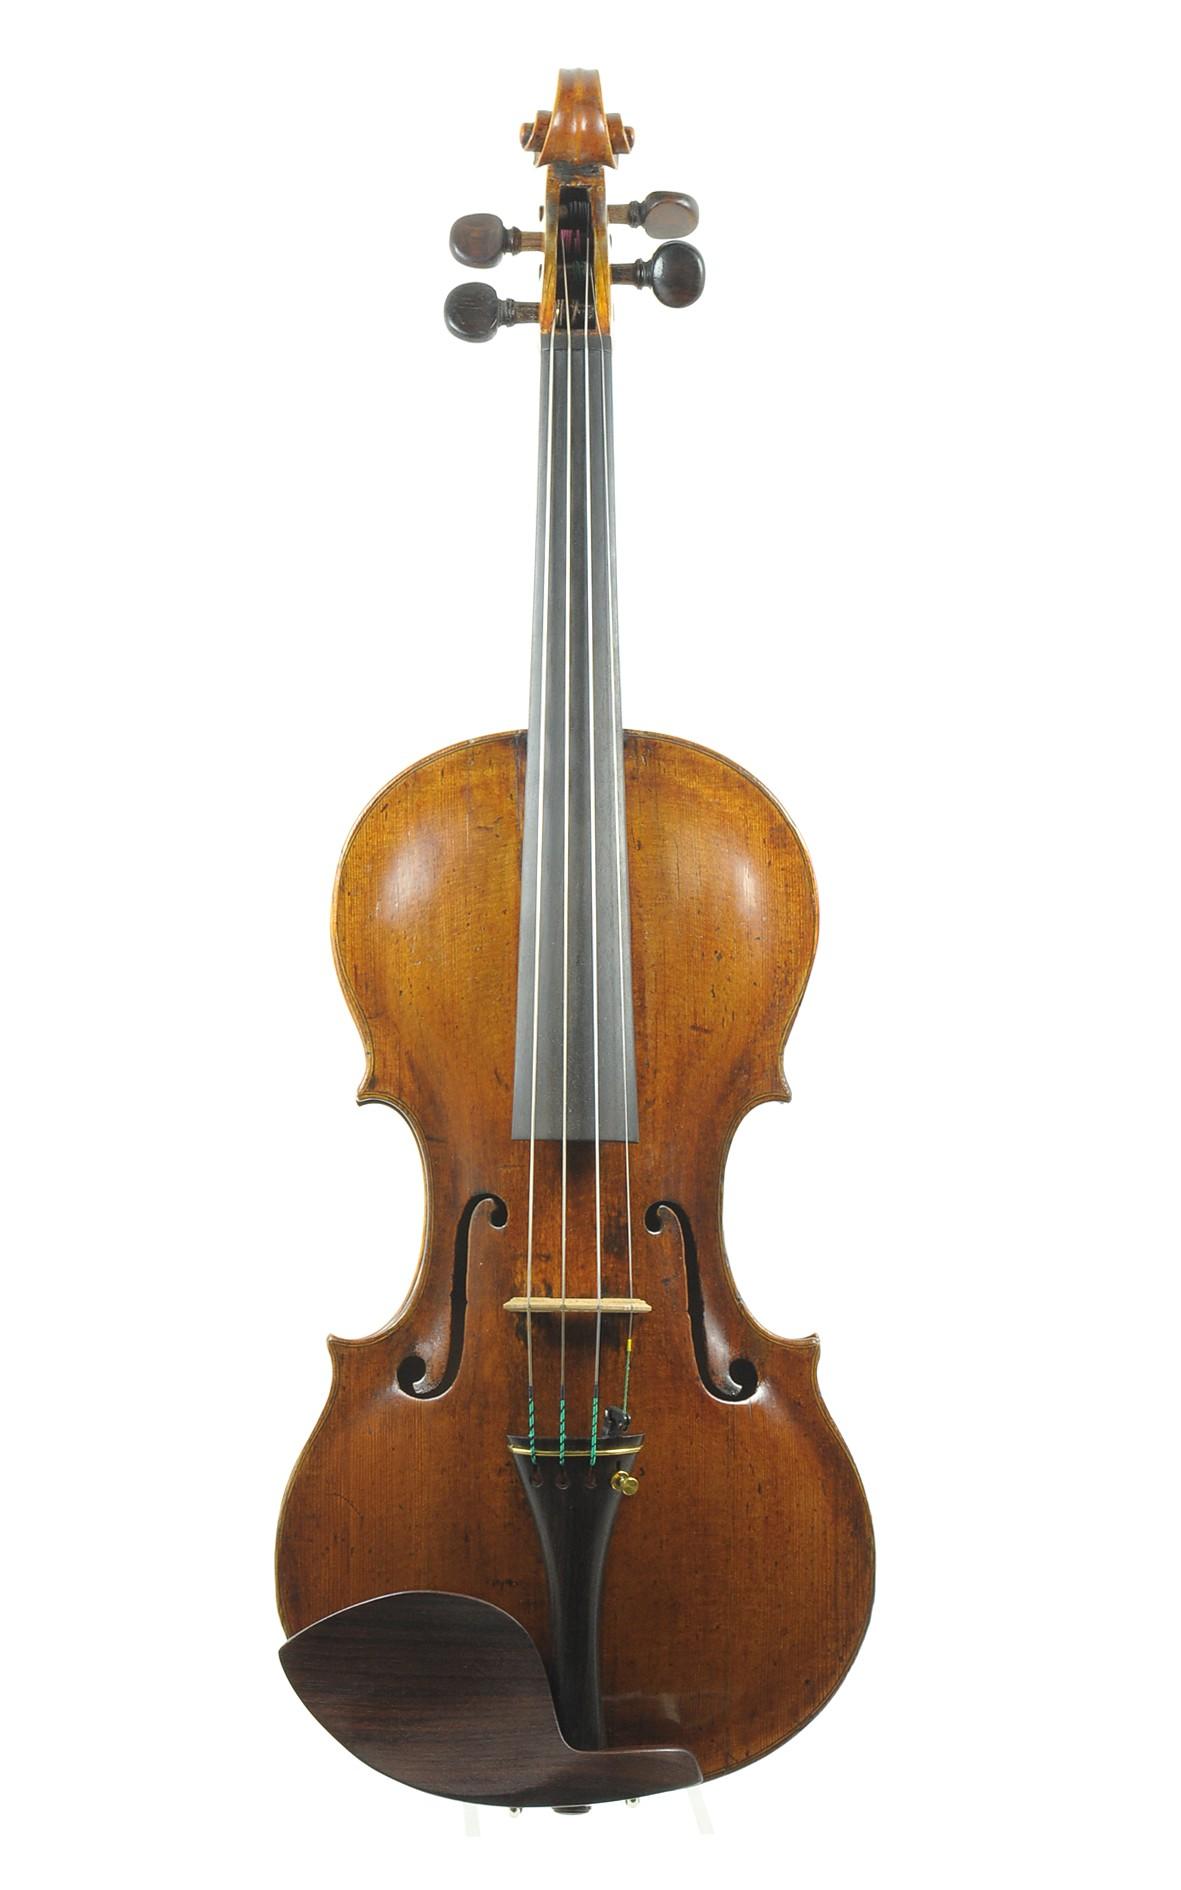 Johann Gottfried Hamm, master violin from the Vogtland region, c. 1780